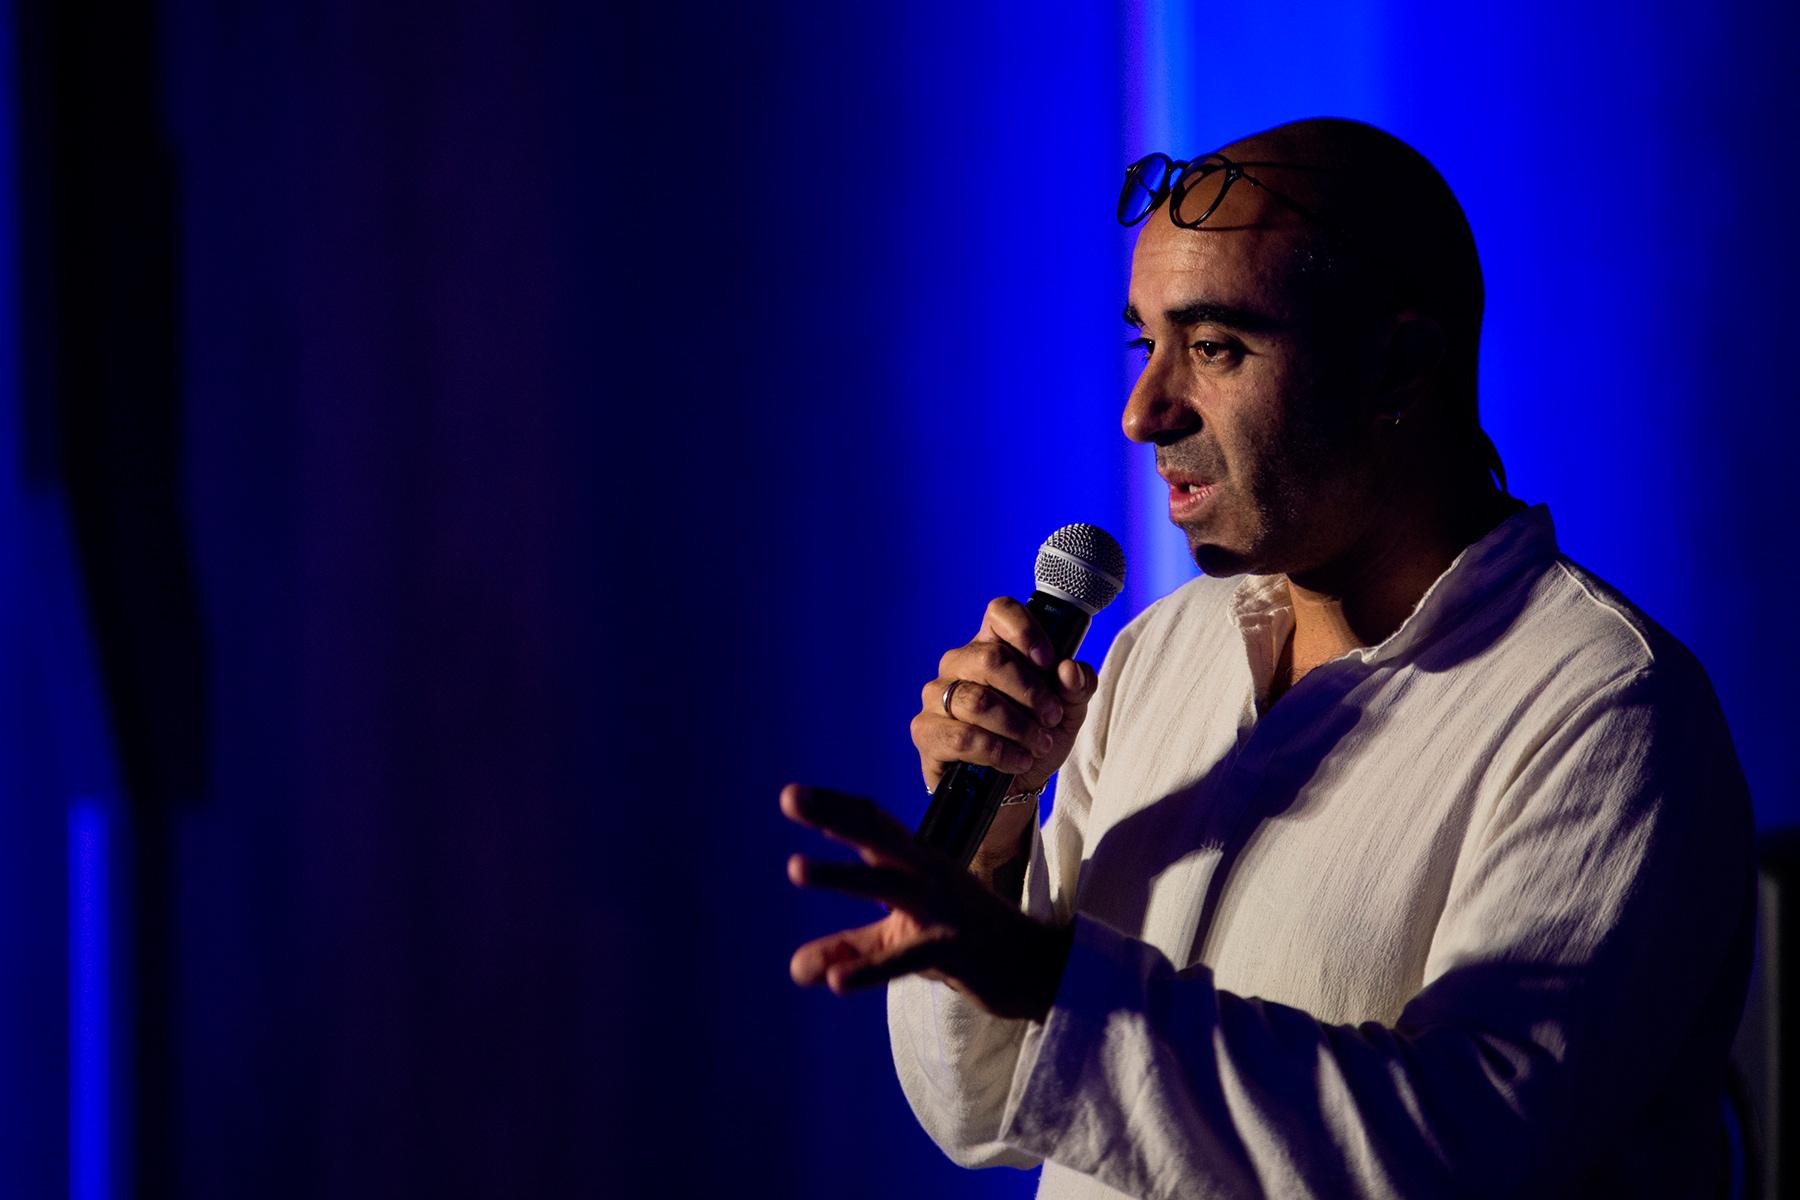 Jorge García realizó charlas y conciertos como compositor residente en Birmingham